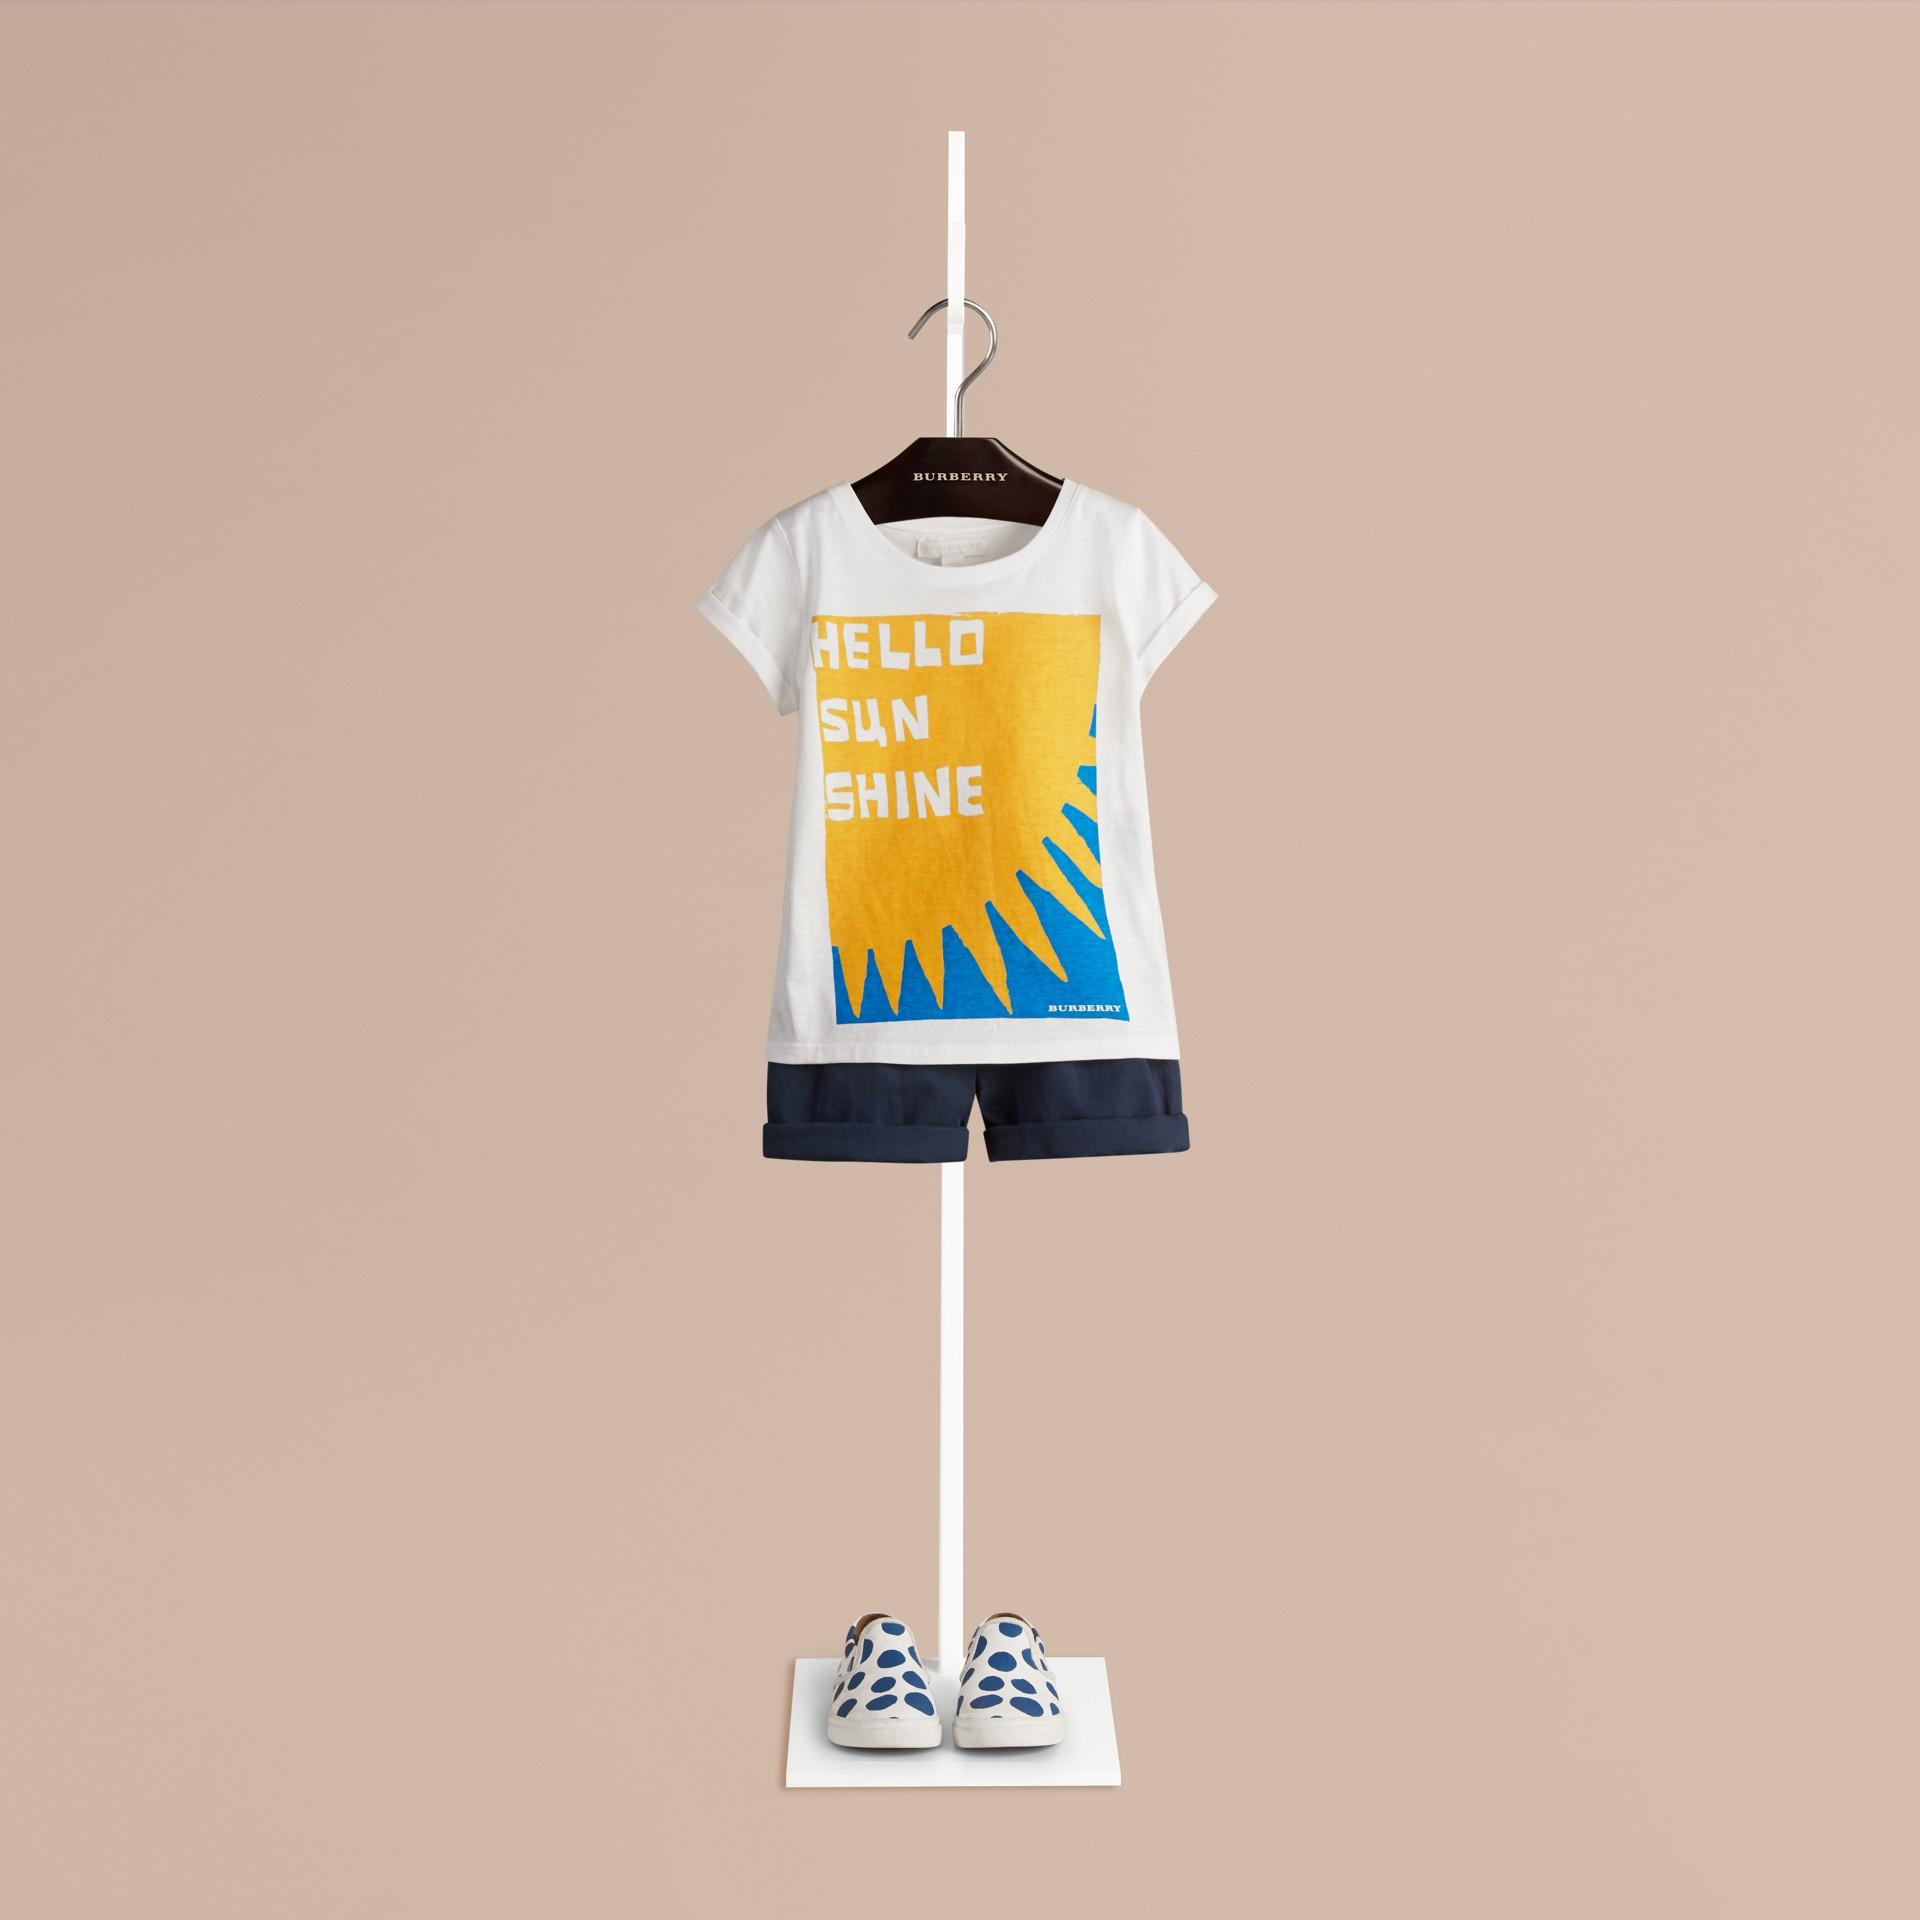 ホワイト ハローサンシャイン・グラフィック・コットンTシャツ - ギャラリーイメージ 1